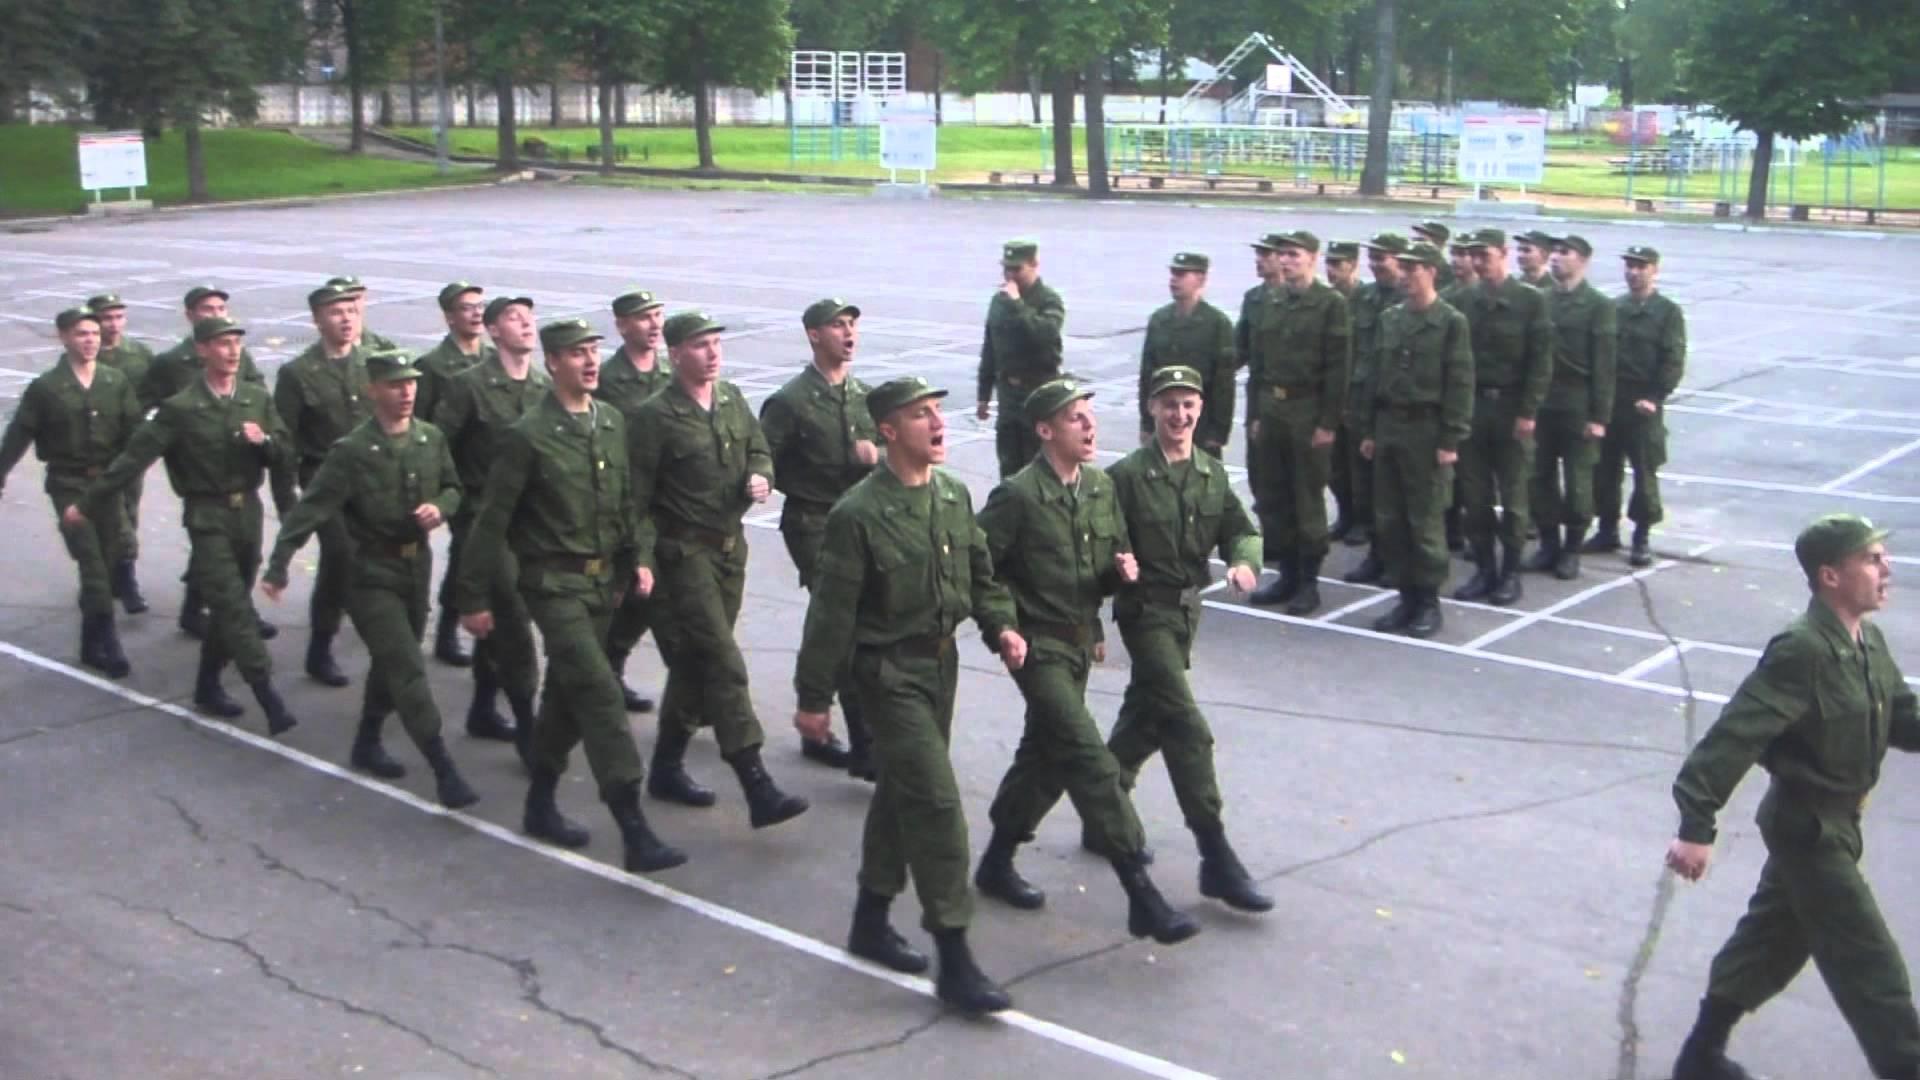 Jakou pochodovou píseň si prozpěvuje ruská armáda?